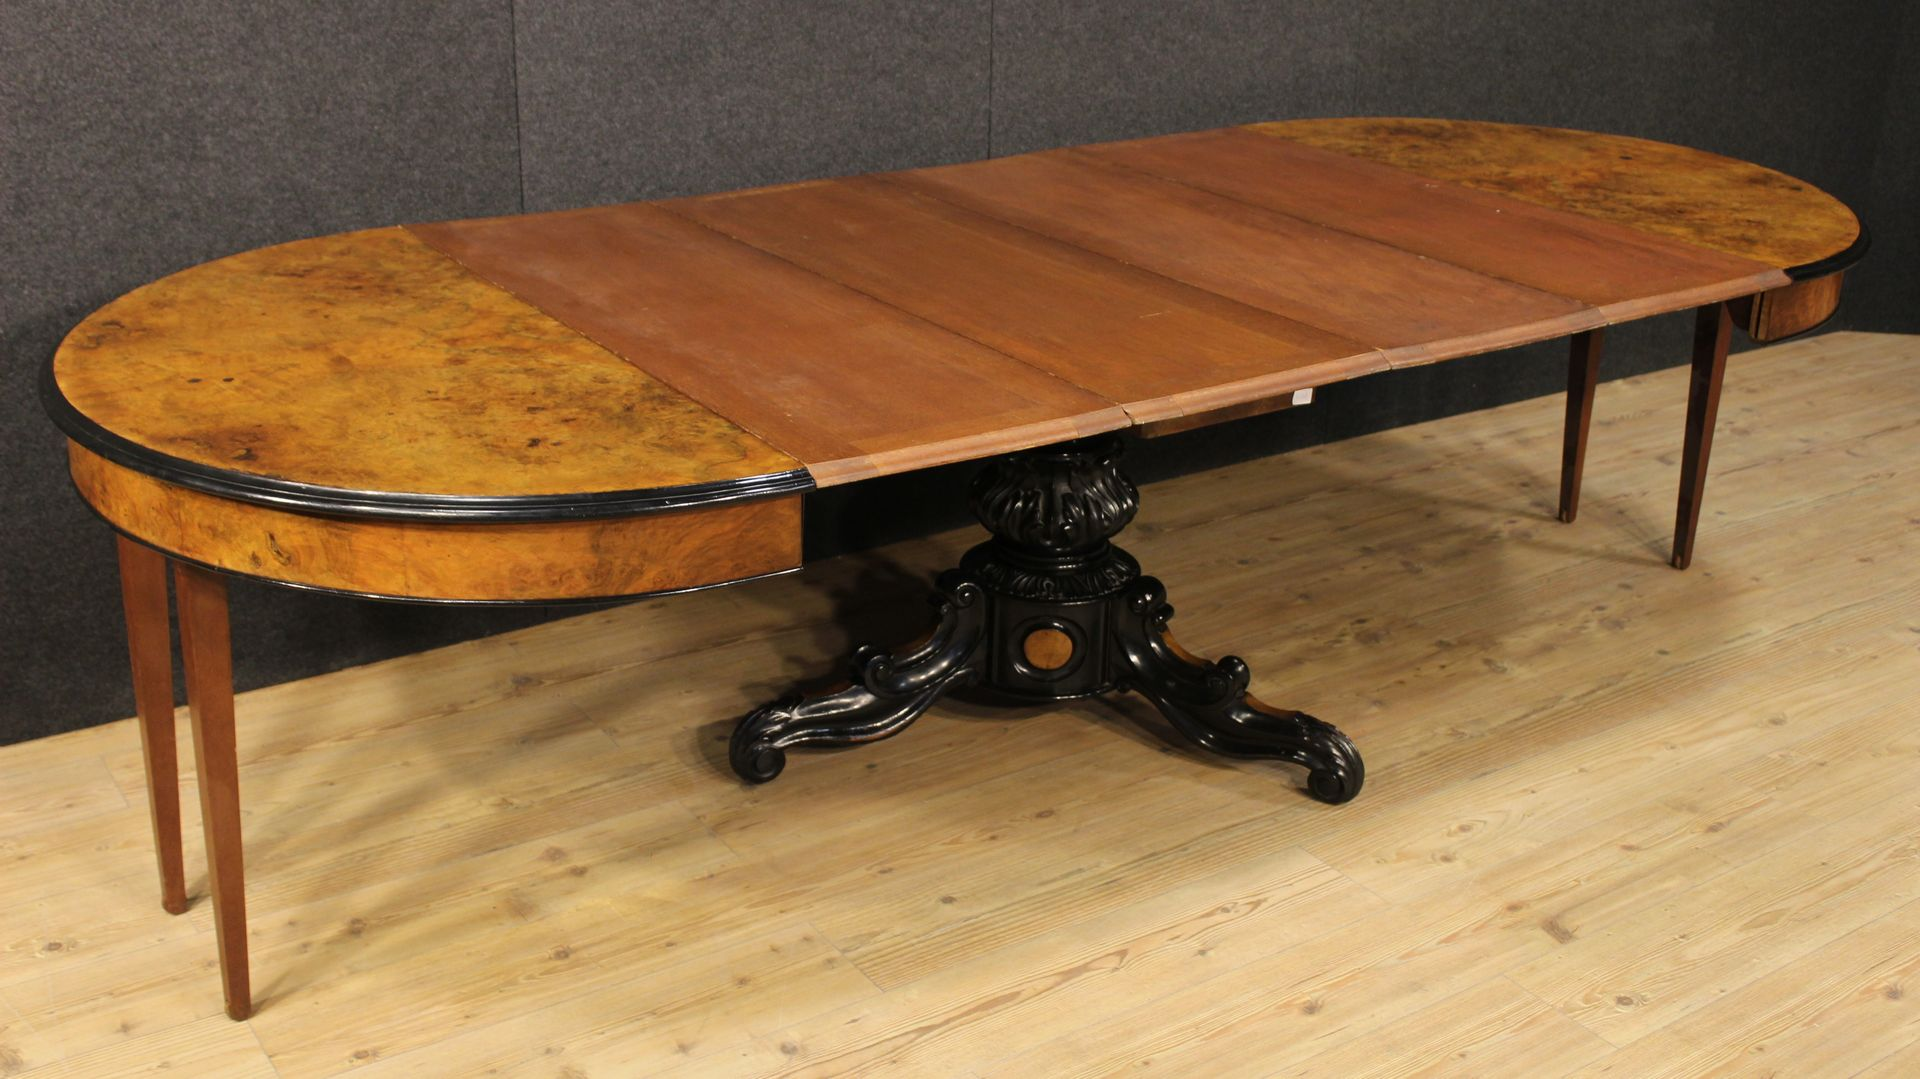 franz sischer ausziehbarer tisch aus nuss wurzelholz bei pamono kaufen. Black Bedroom Furniture Sets. Home Design Ideas